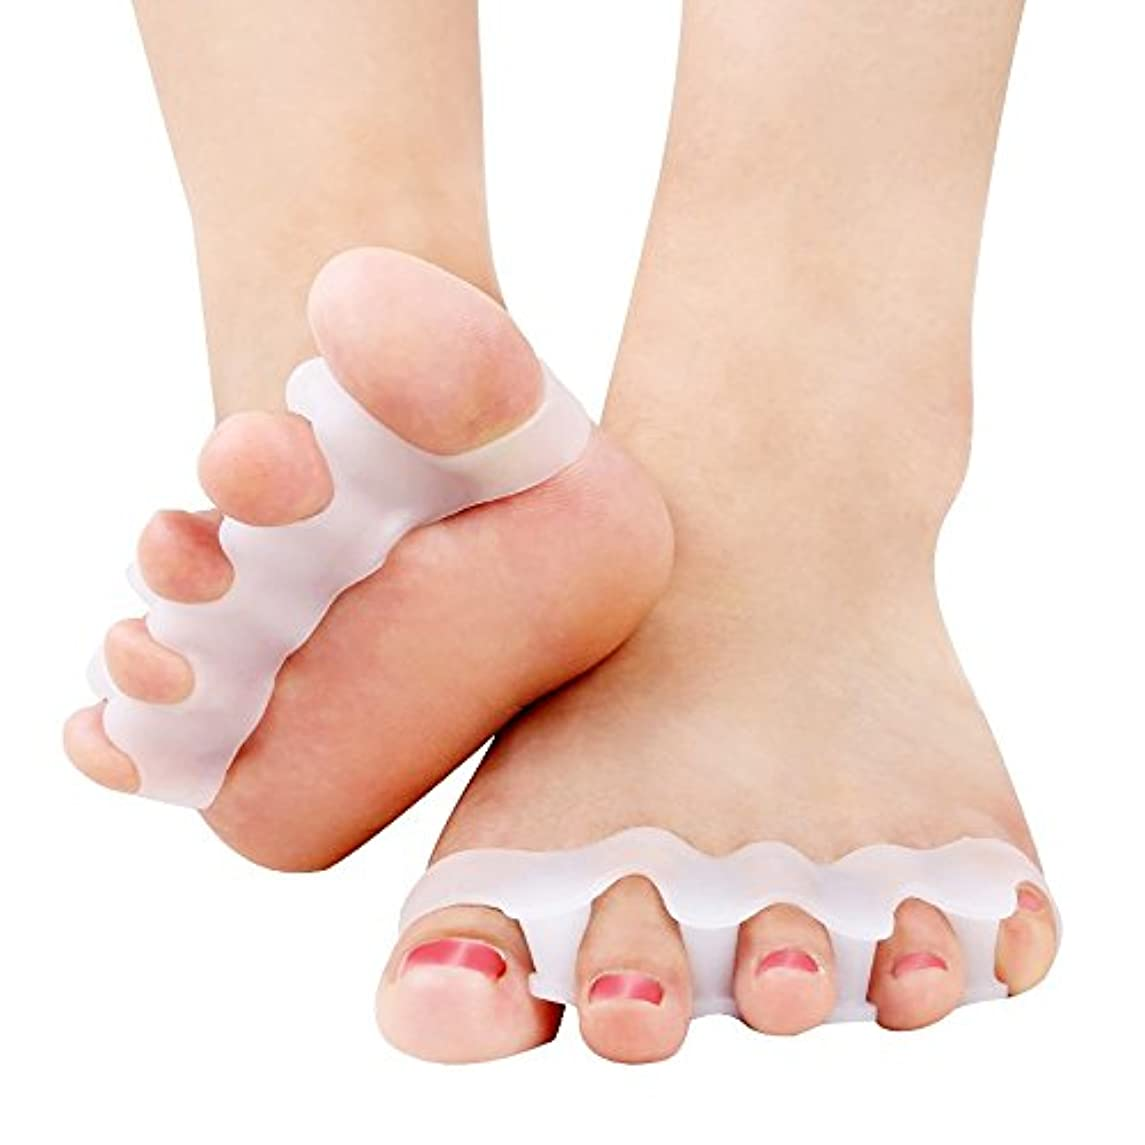 エスカレート呼吸死にかけているCandyBox 女子力UP フットネイル ペディキュア 足指全開 自宅で簡単 仕上がり奇麗 柔らかシリコン フリーサイズ